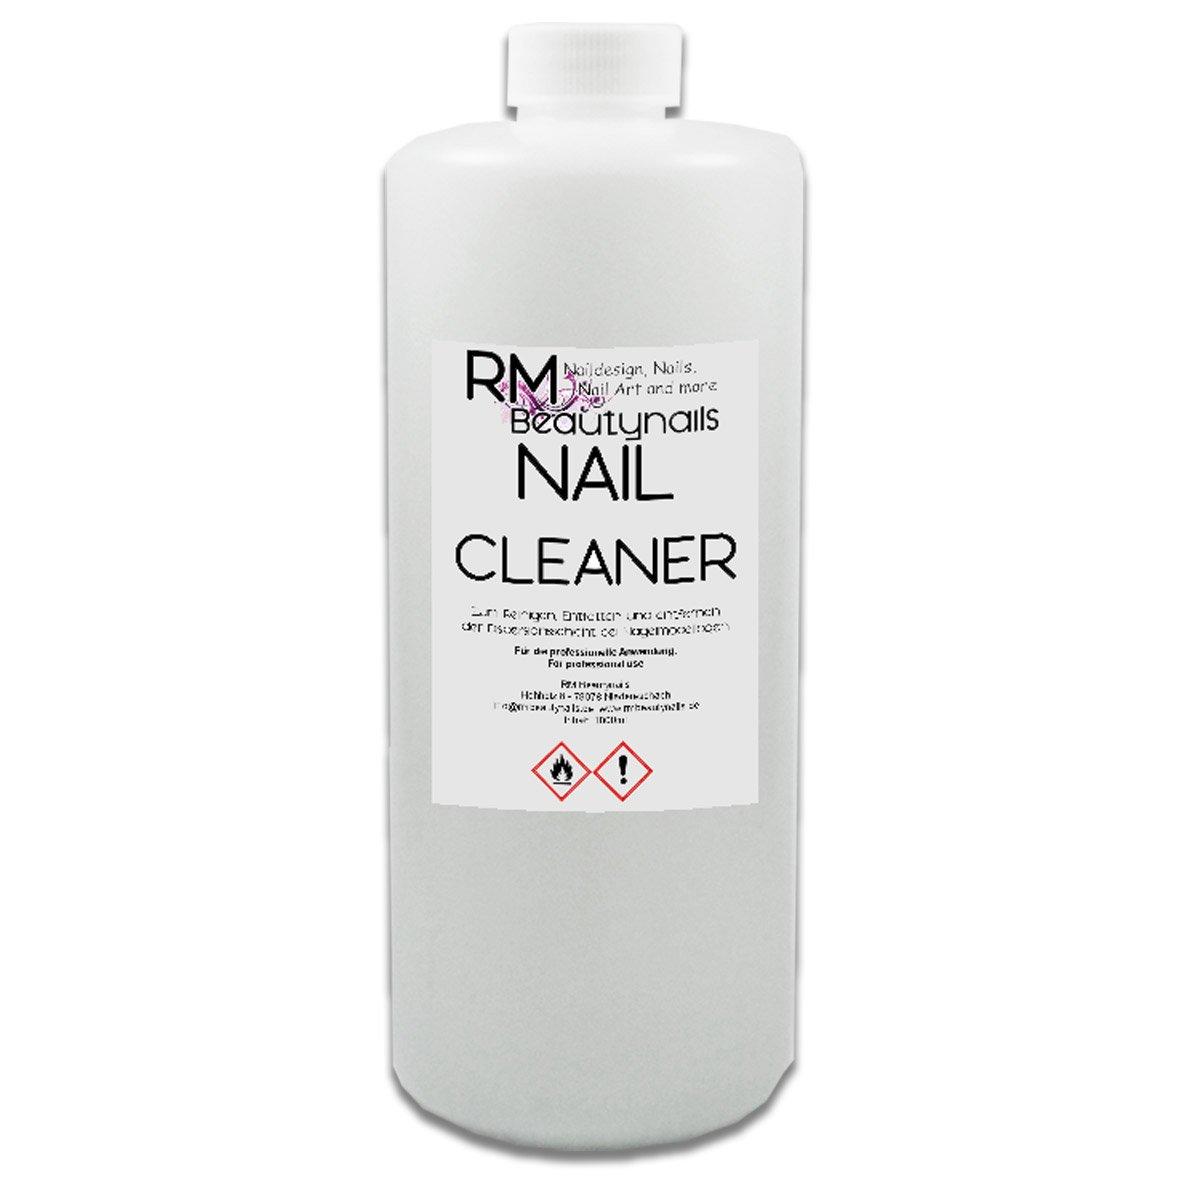 Detergente Gel Per Unghie Professionale Cleaner schwitzsch ichtenent ferner Spezial RM Beautynails